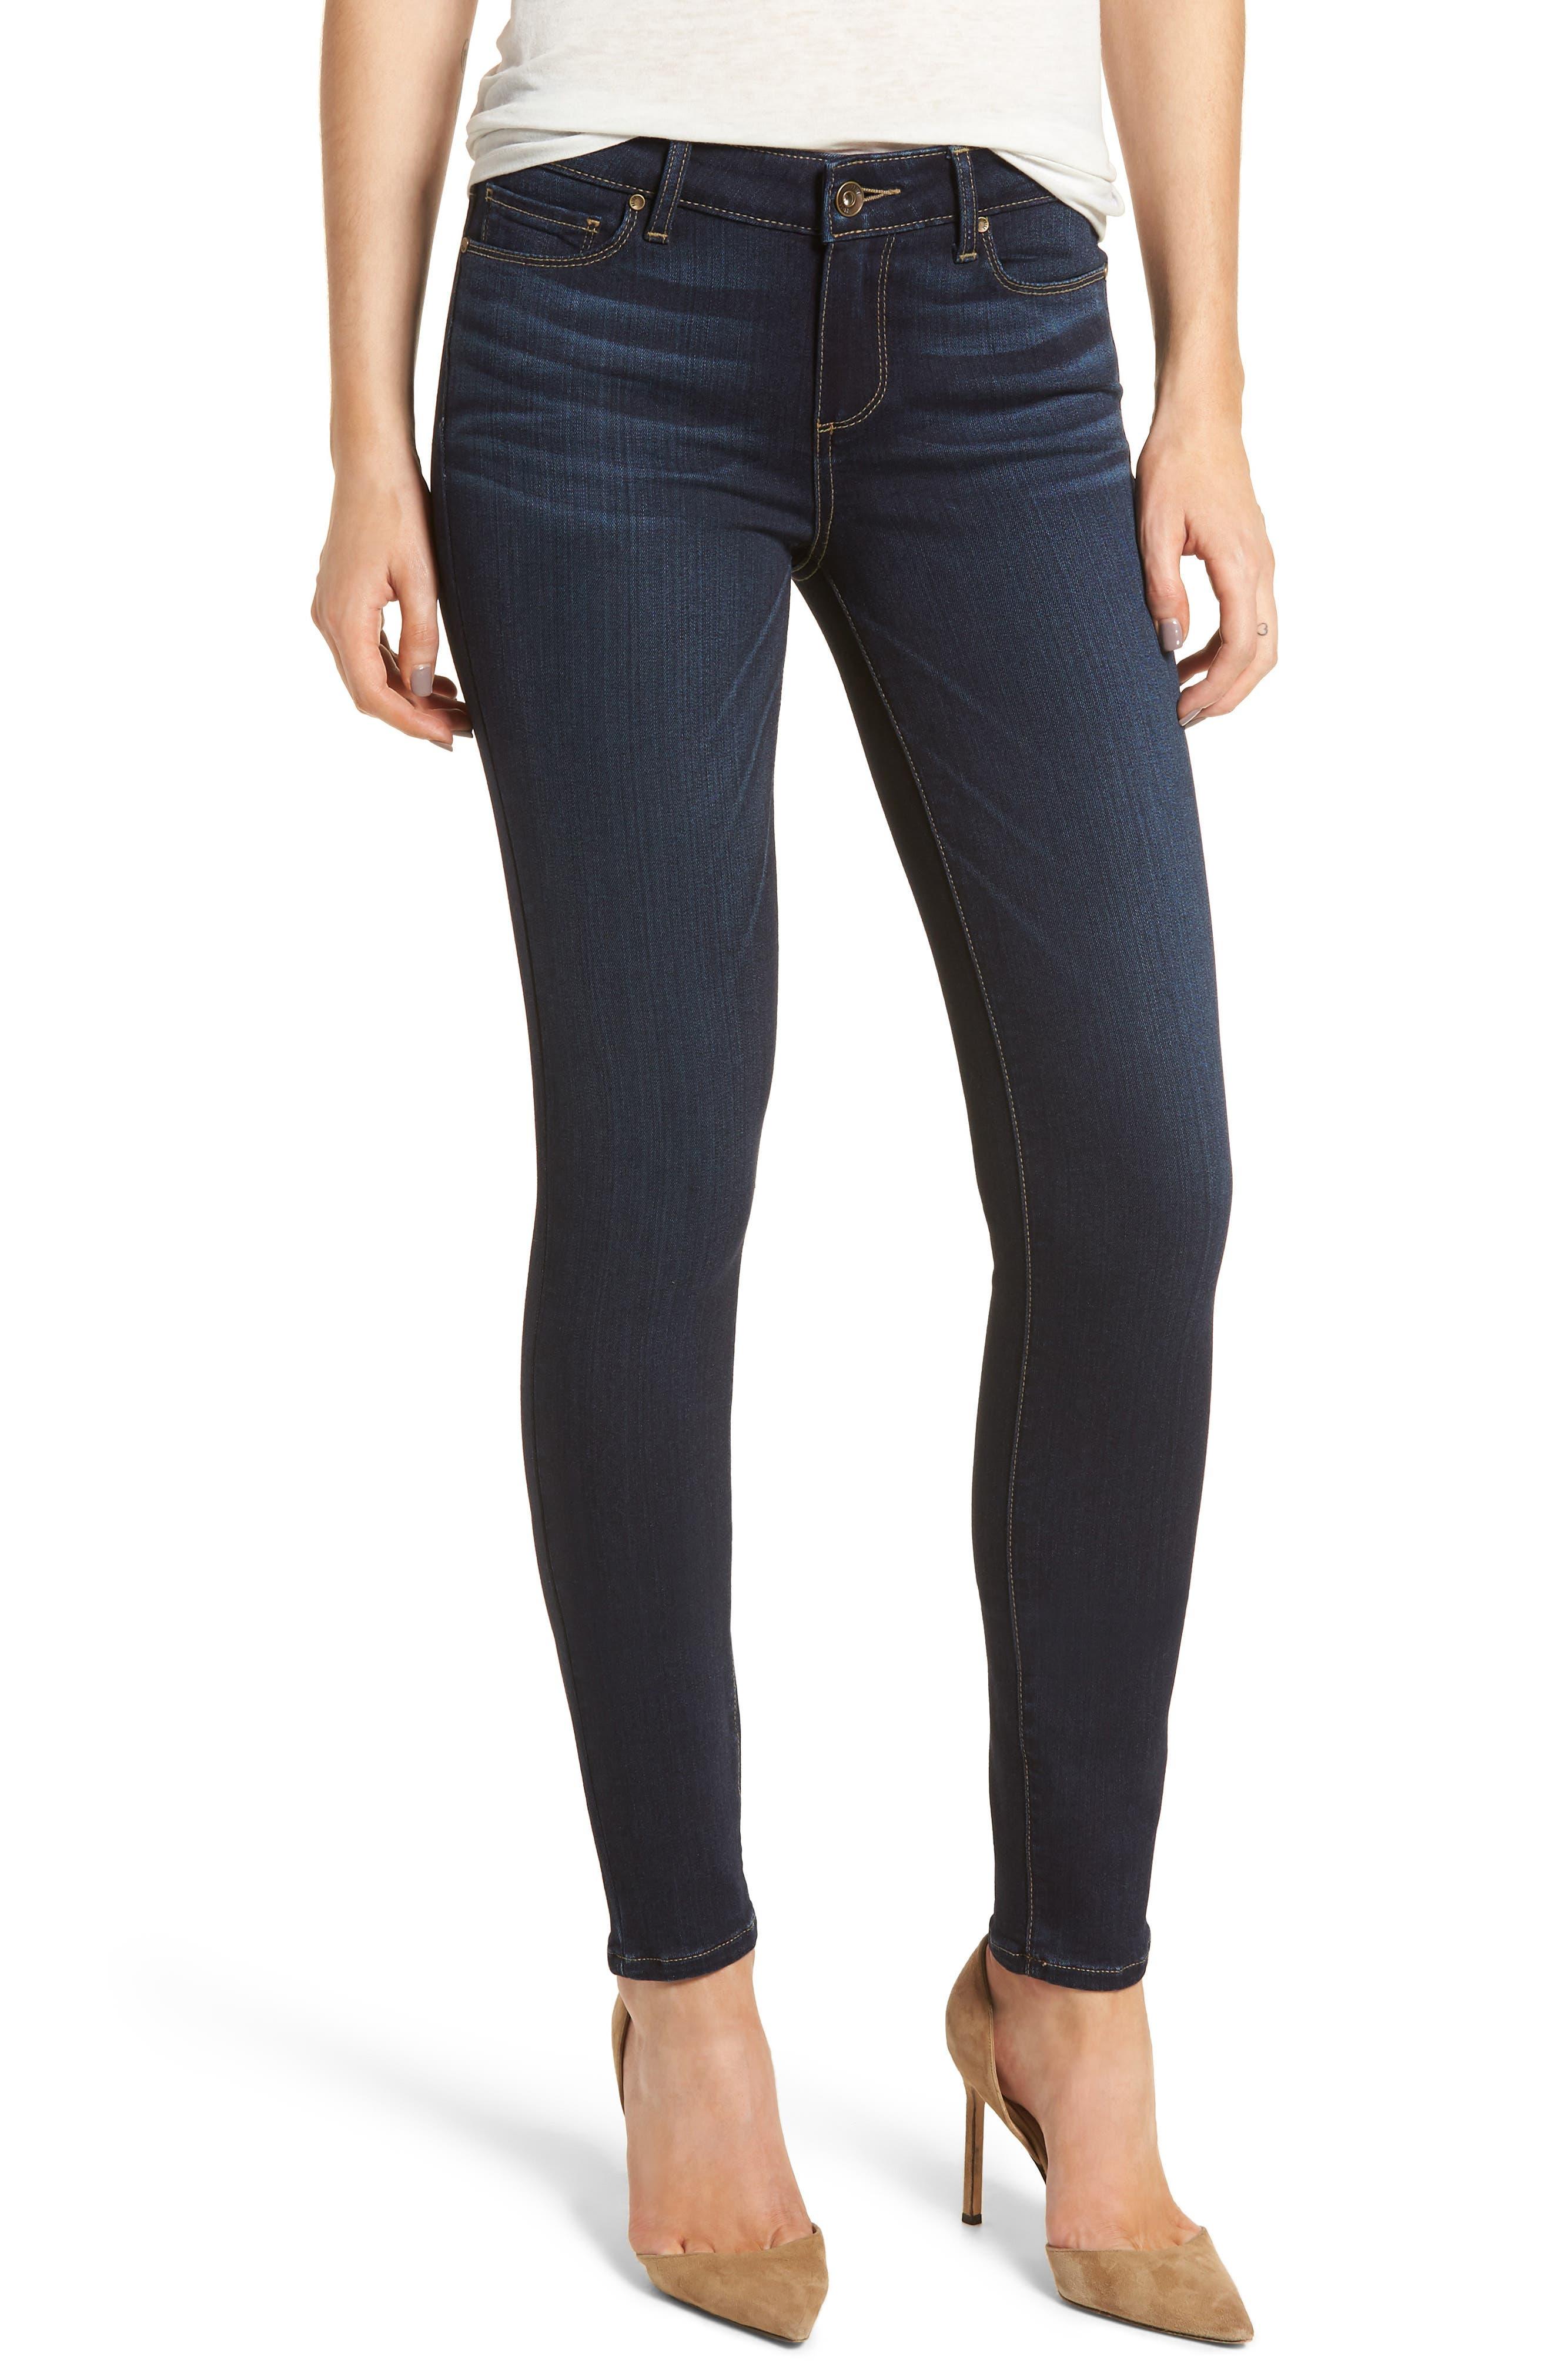 Transcend - Verdugo Ultra Skinny Jeans,                         Main,                         color, Koda